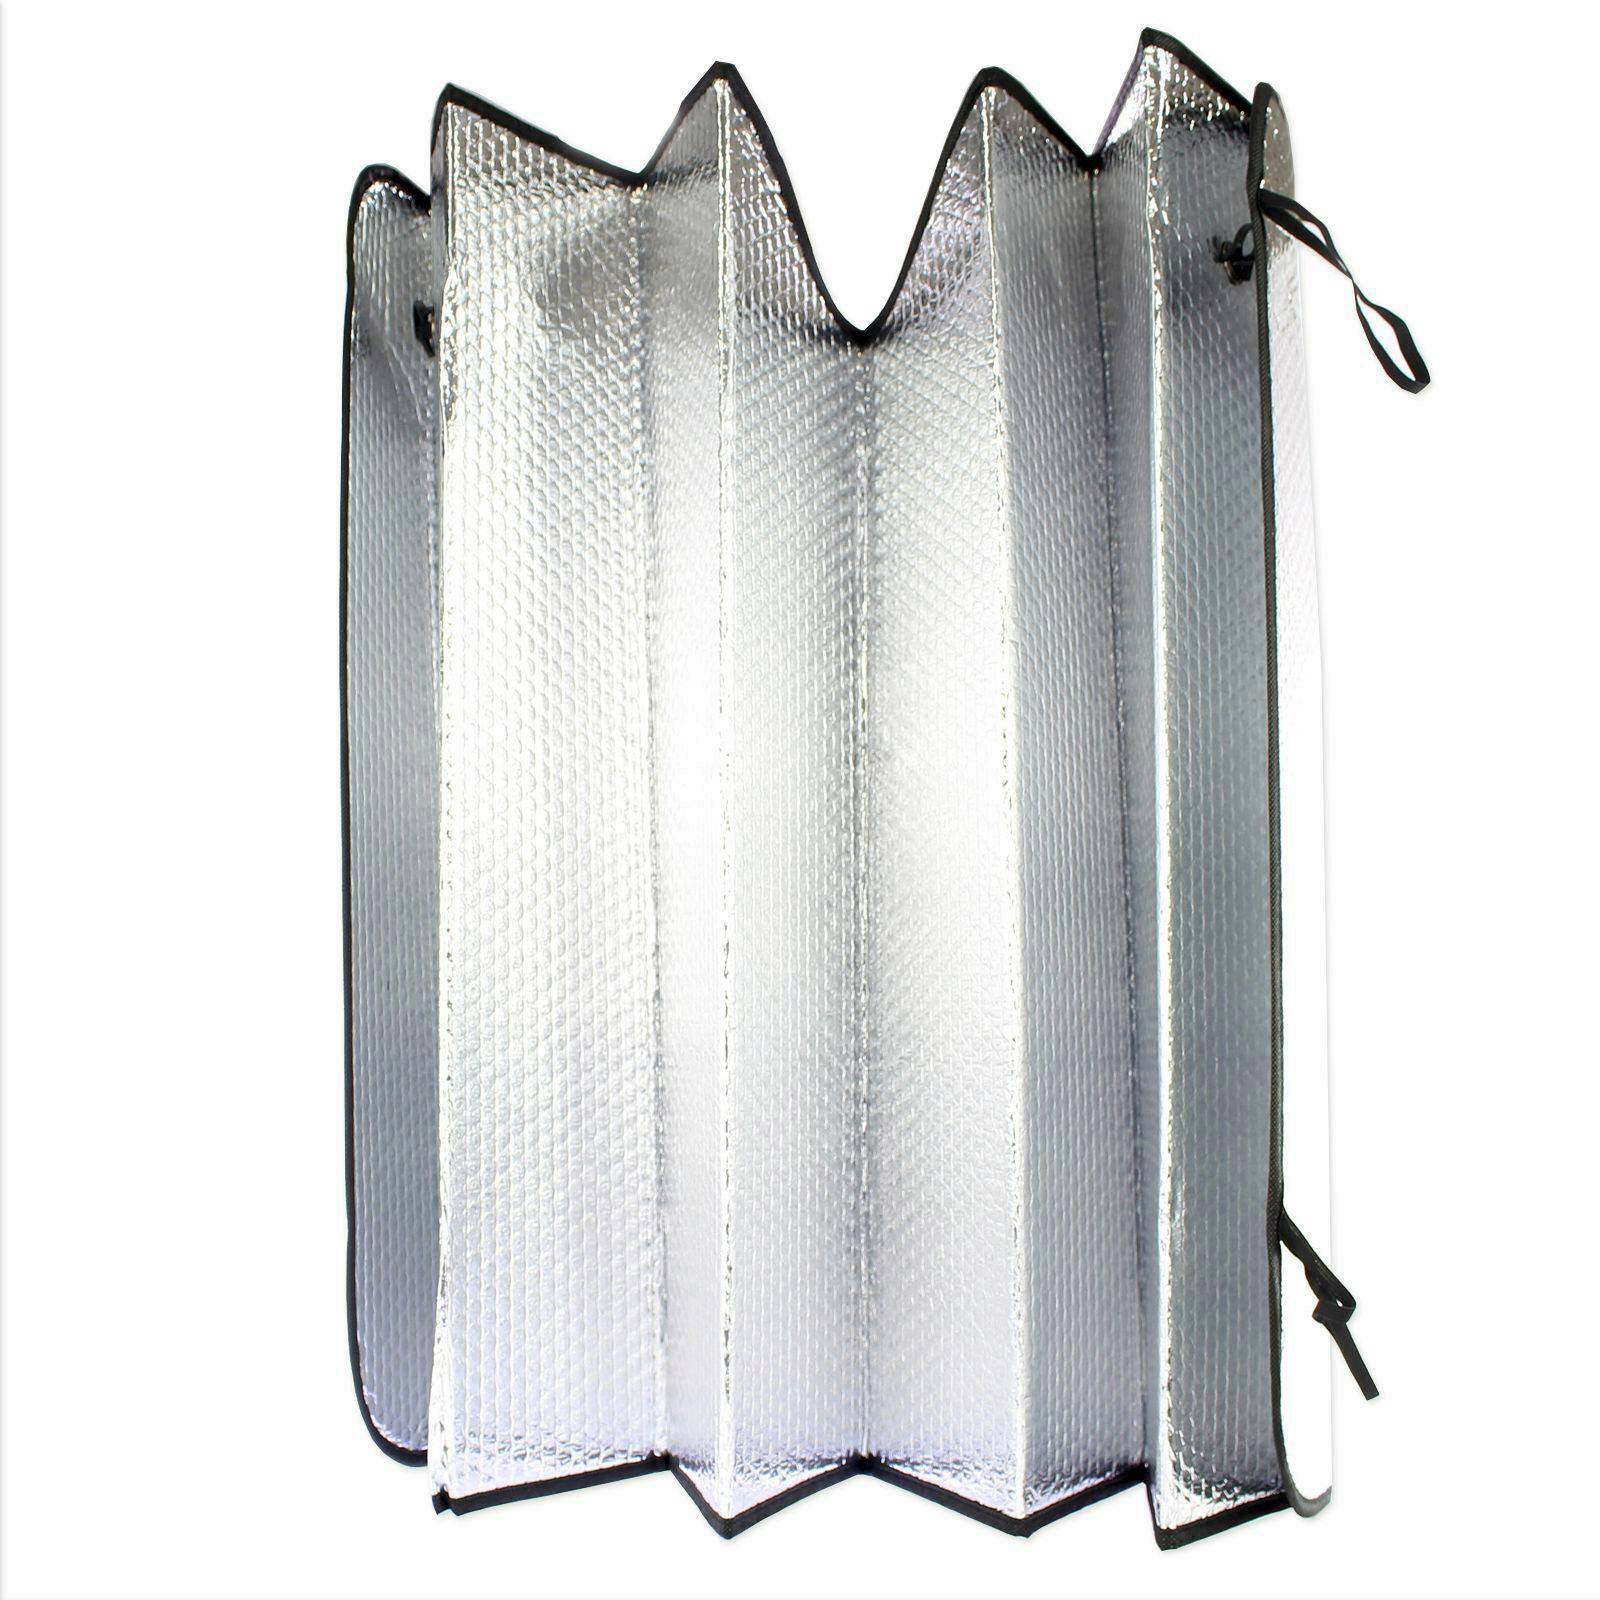 Sonnenschutz, Sonnenblende 150x70 cm Alu